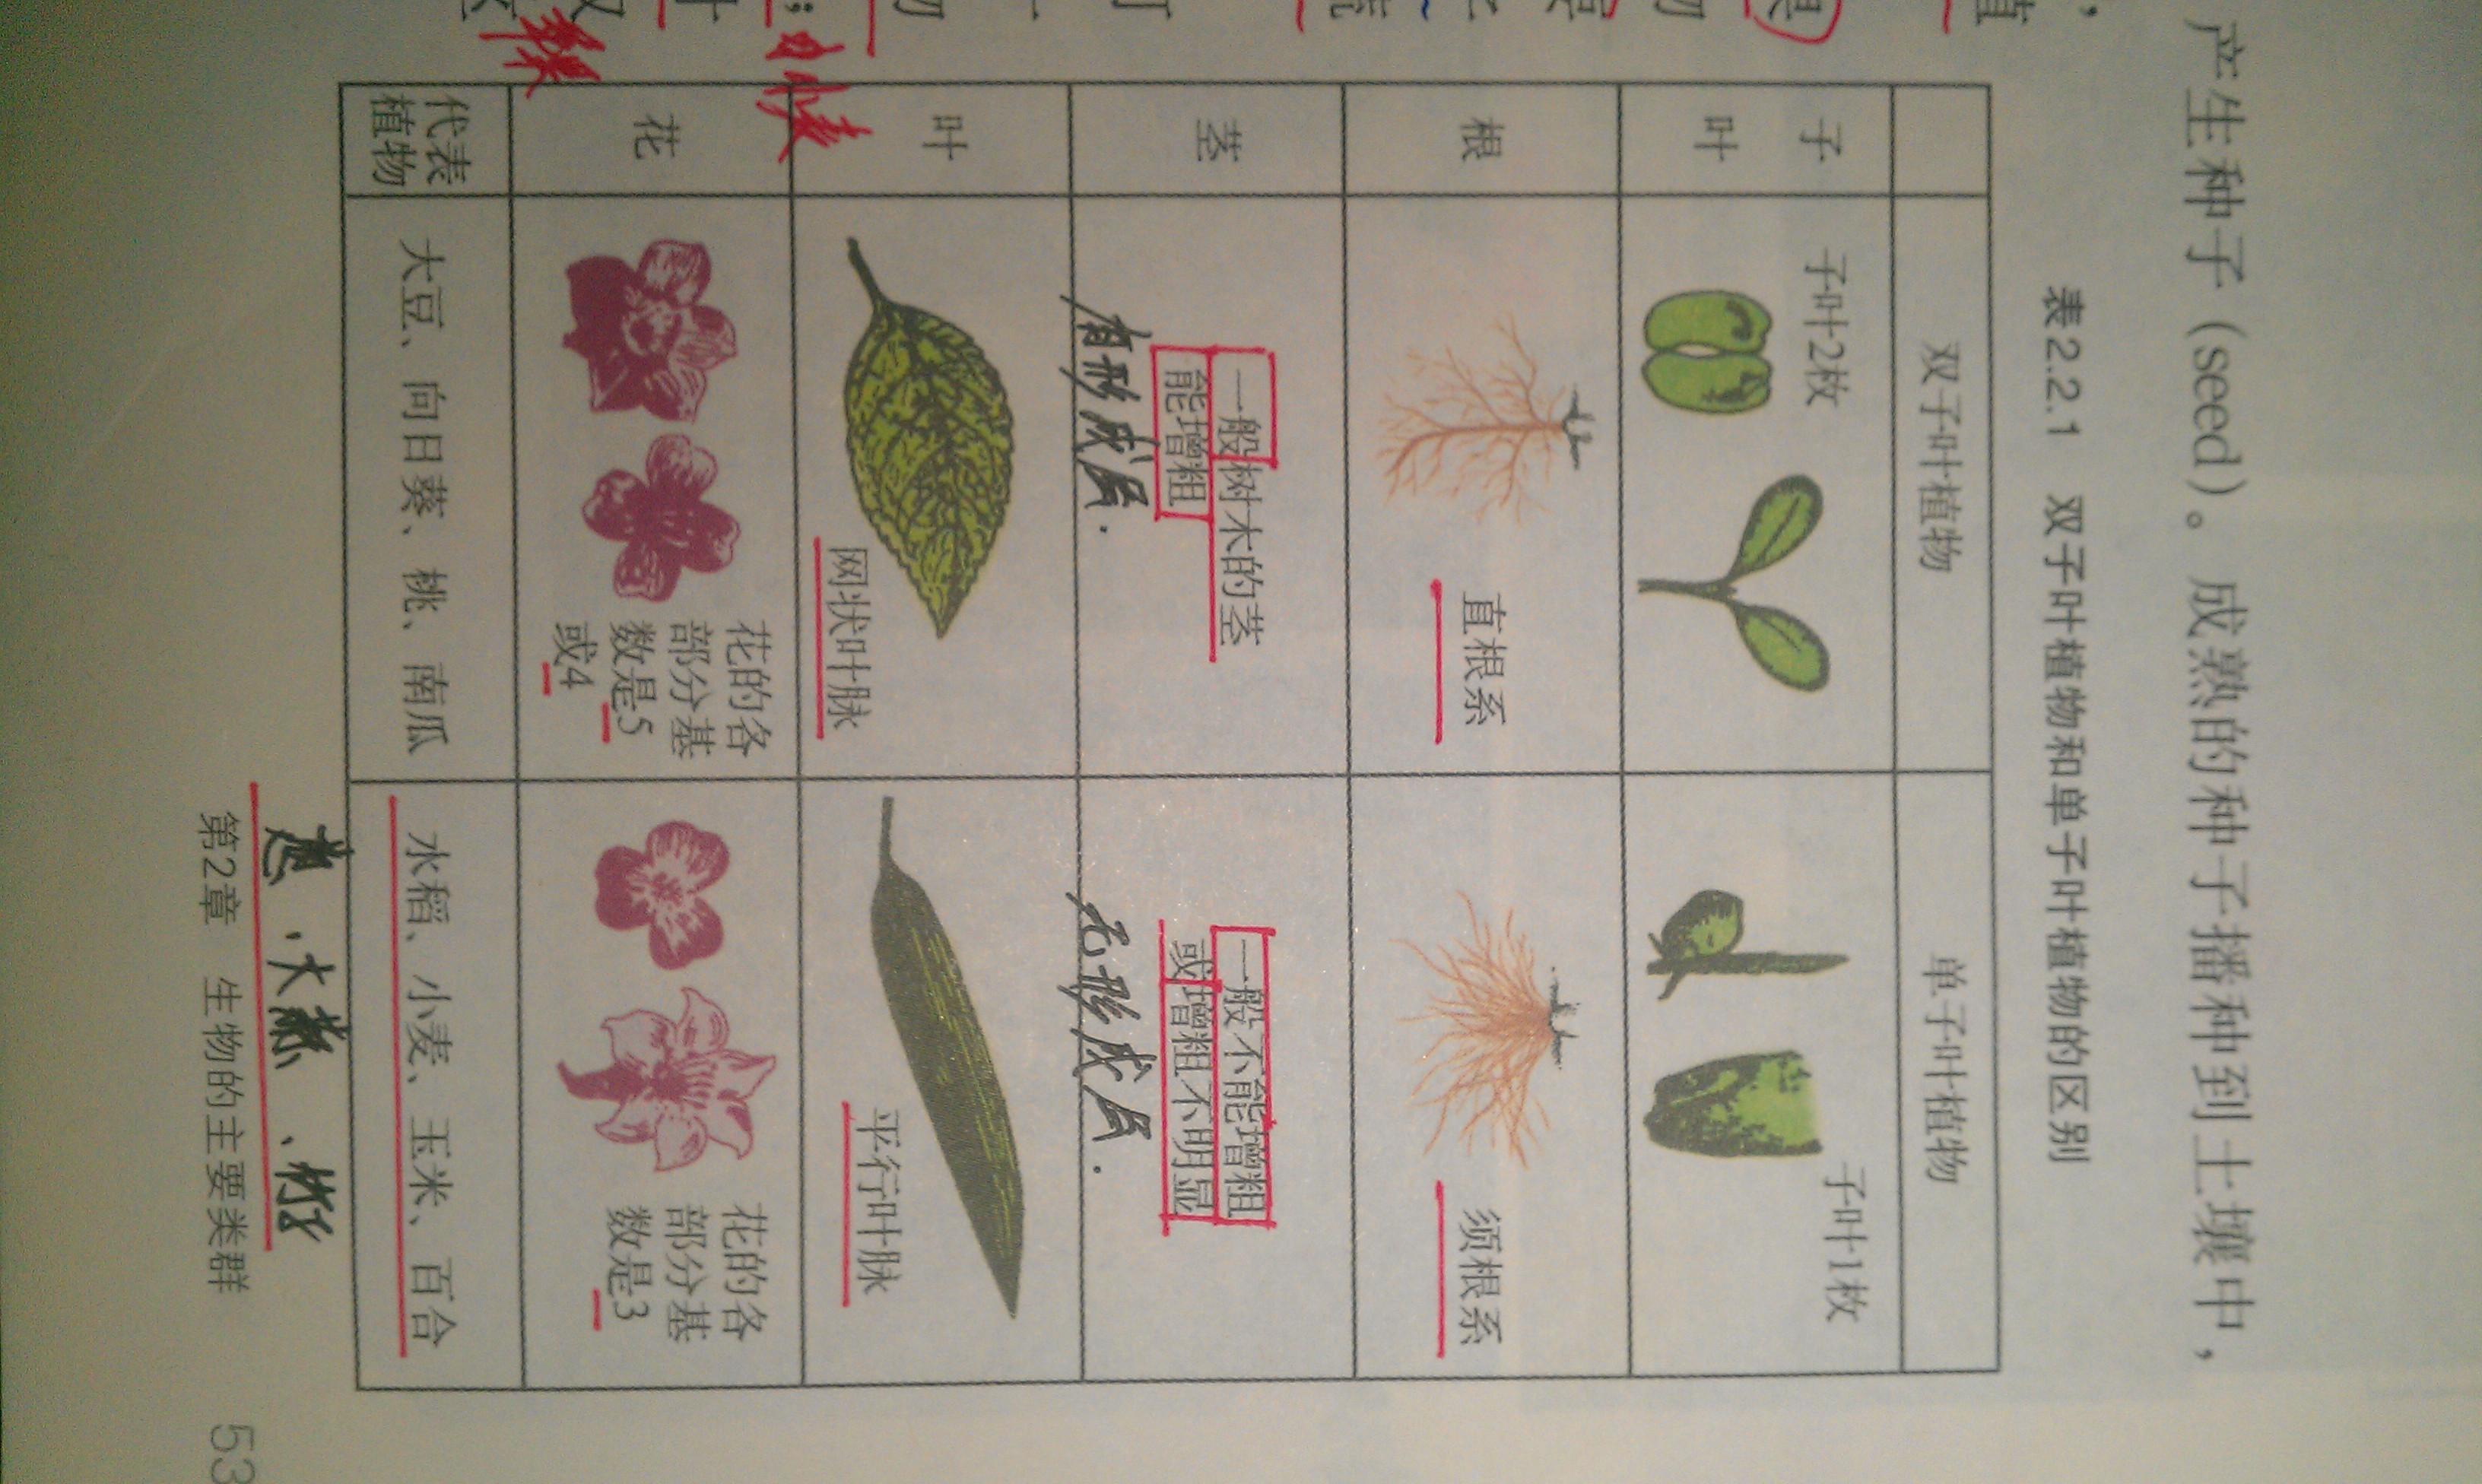 双子叶植物:无限维管束,有叶柄,网状叶脉,有绿色组织(chlorenchyma),有些有表皮毛,无副卫细胞.单子叶植物:有限维管束,无叶柄,平行叶脉,无栅栏组织和海绵组织的分化,属于等叶面,有泡状细胞,保卫细胞为哑铃型.茎:单子叶植物的茎尖构造与双子叶植物相同,但由它所发育的茎的构造则是不同的.